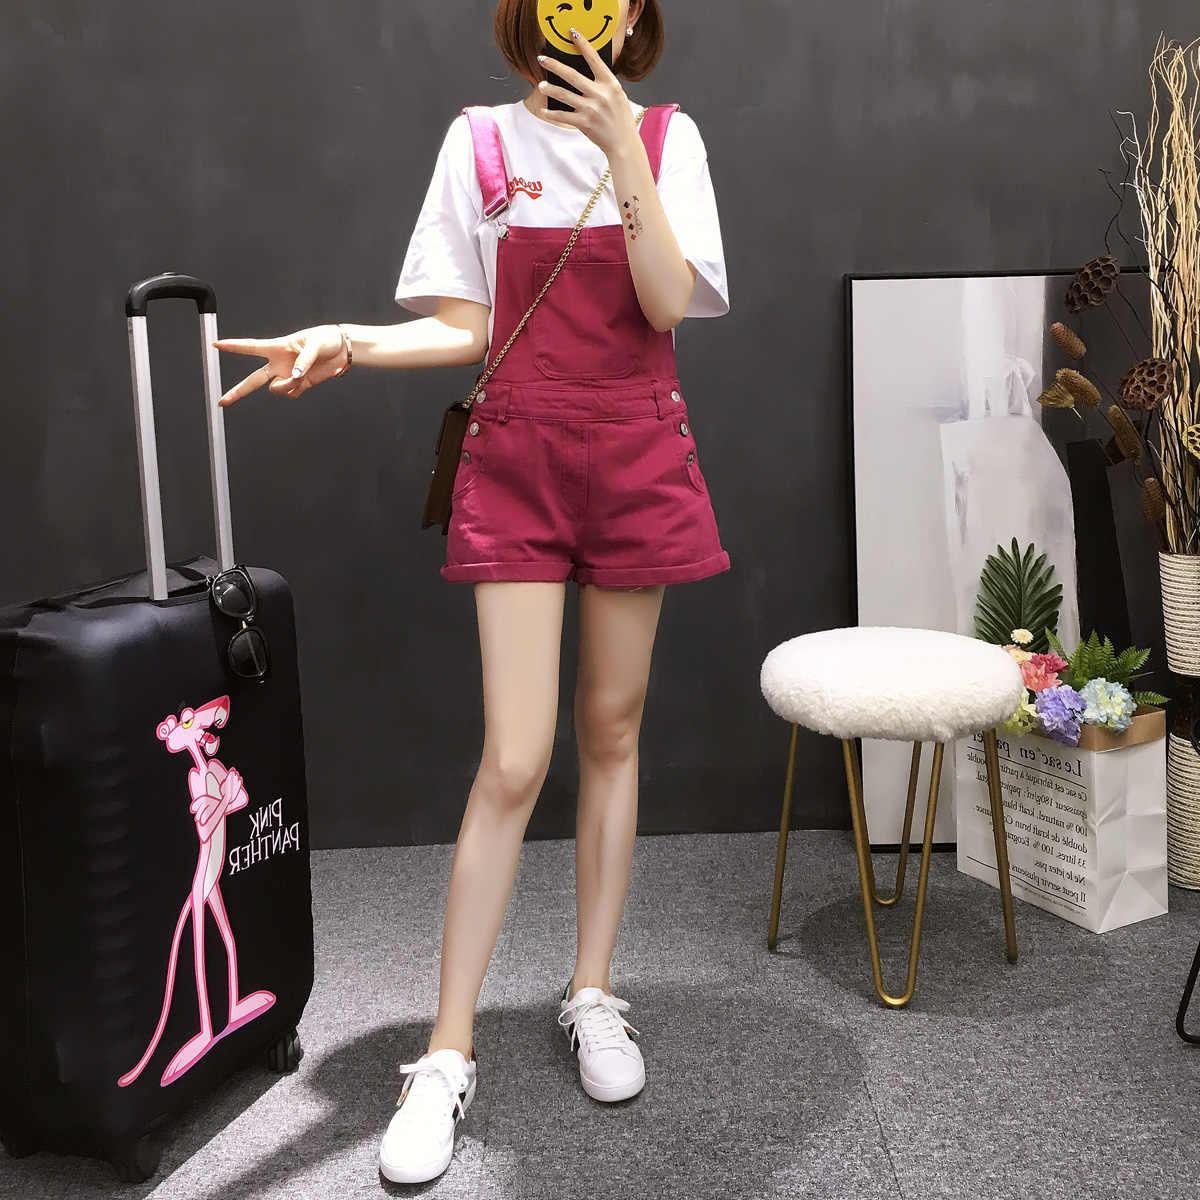 Летние для женщин без рукавов джинсовый комбинезон корейской моды Спецодежда с карманами повседневное свободные бретели для нижнего белья шорт